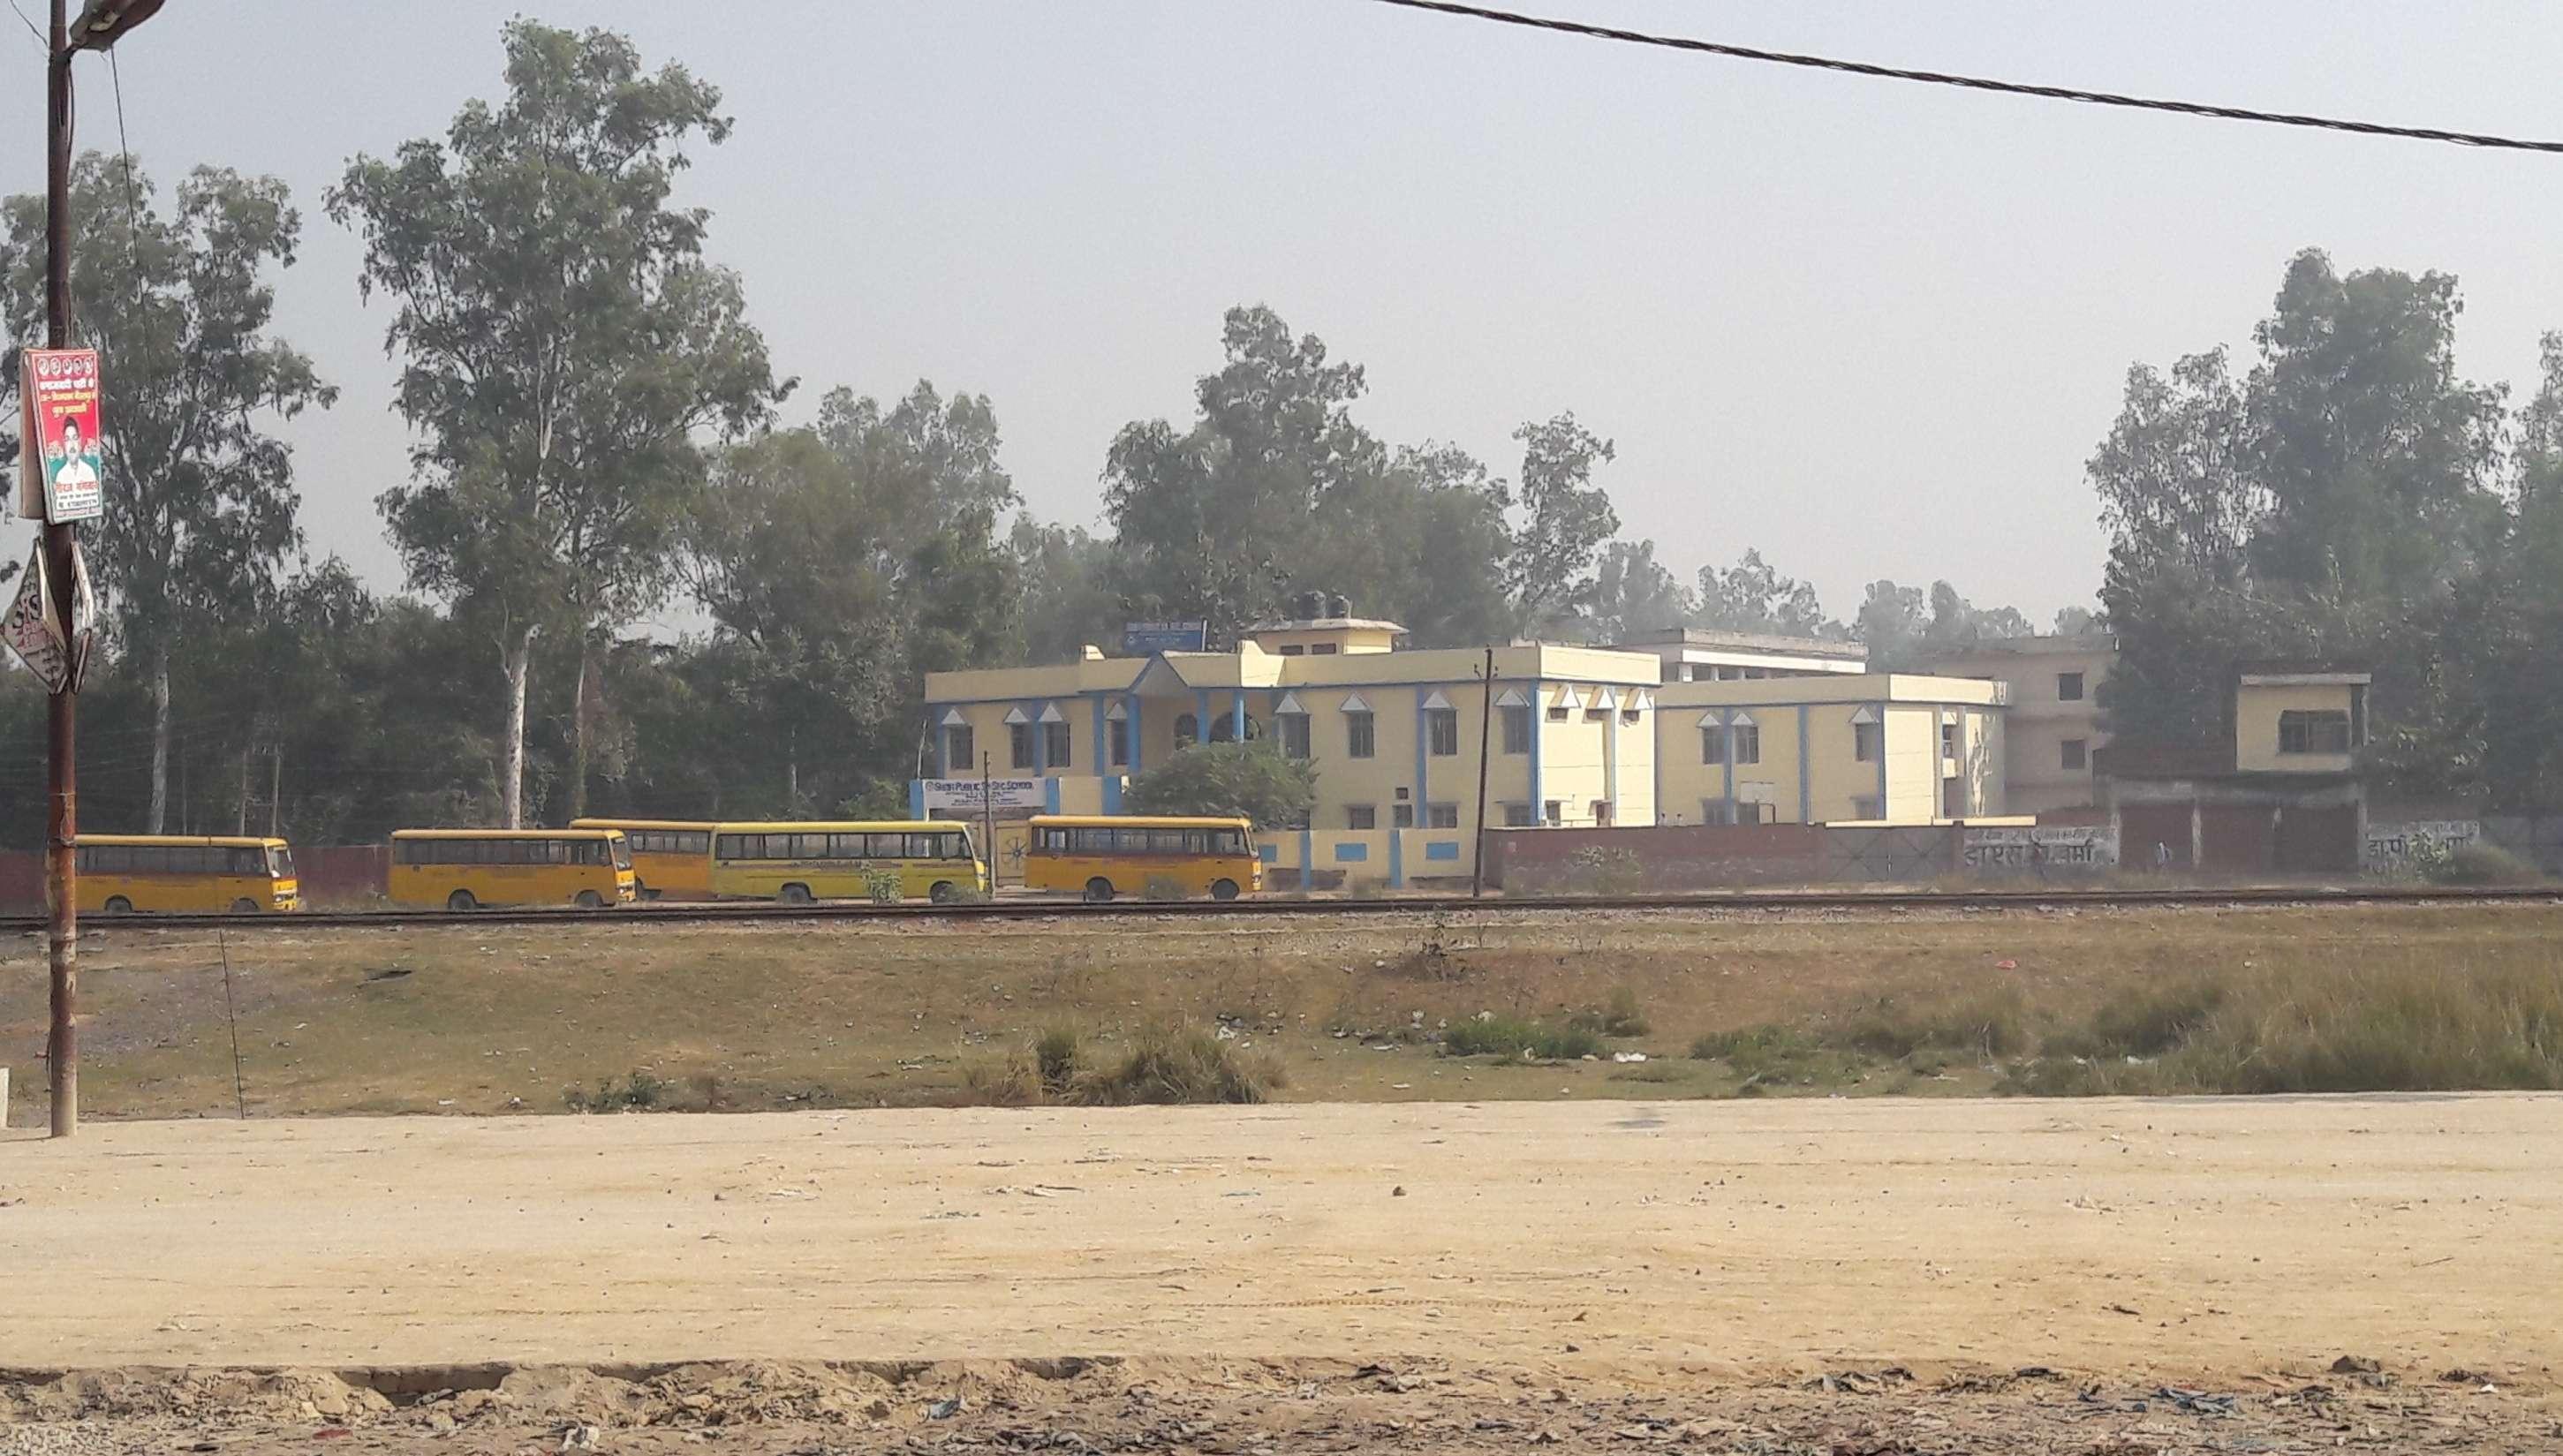 SHAFI PUBLIC SCHOOL OPP RAILWAY STATION BISALPUR DISTT PILIBHIT UP 2130706